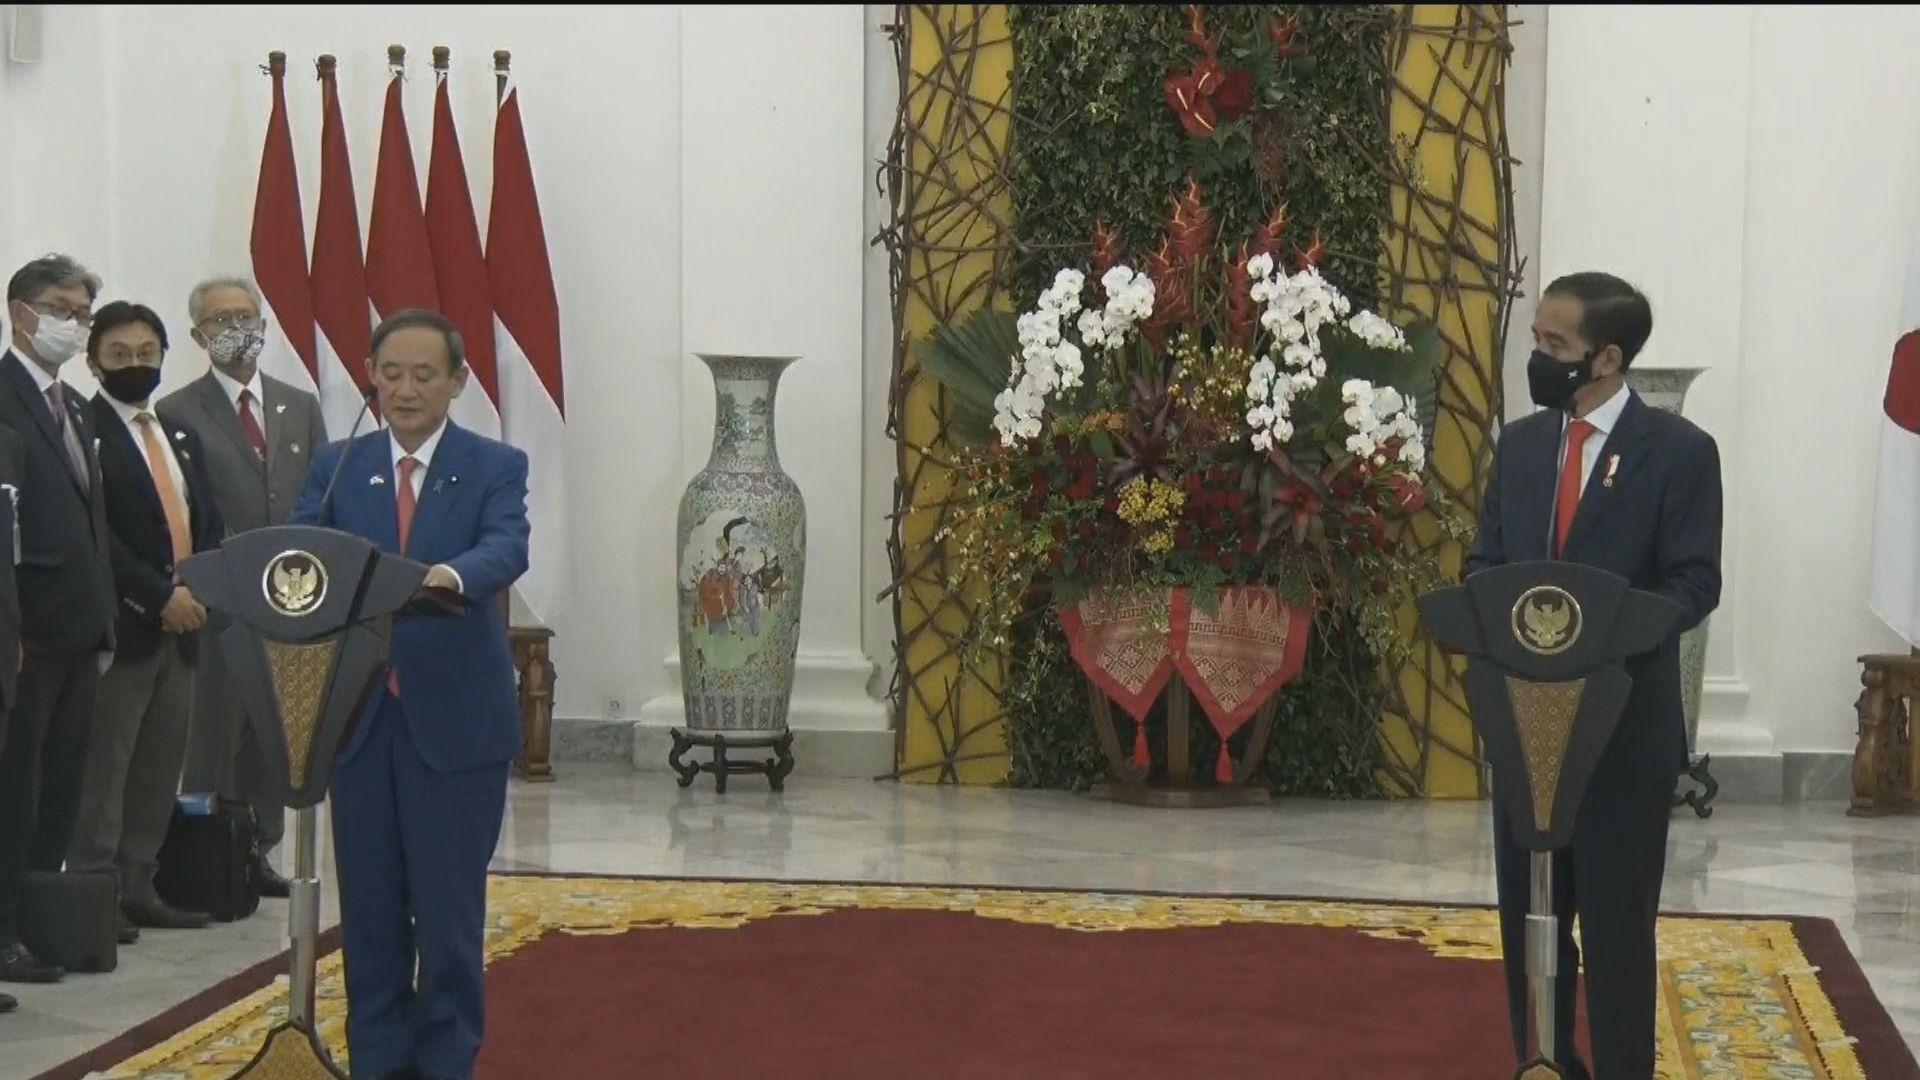 菅義偉與佐科維多多同意加強貿易和國防安全合作